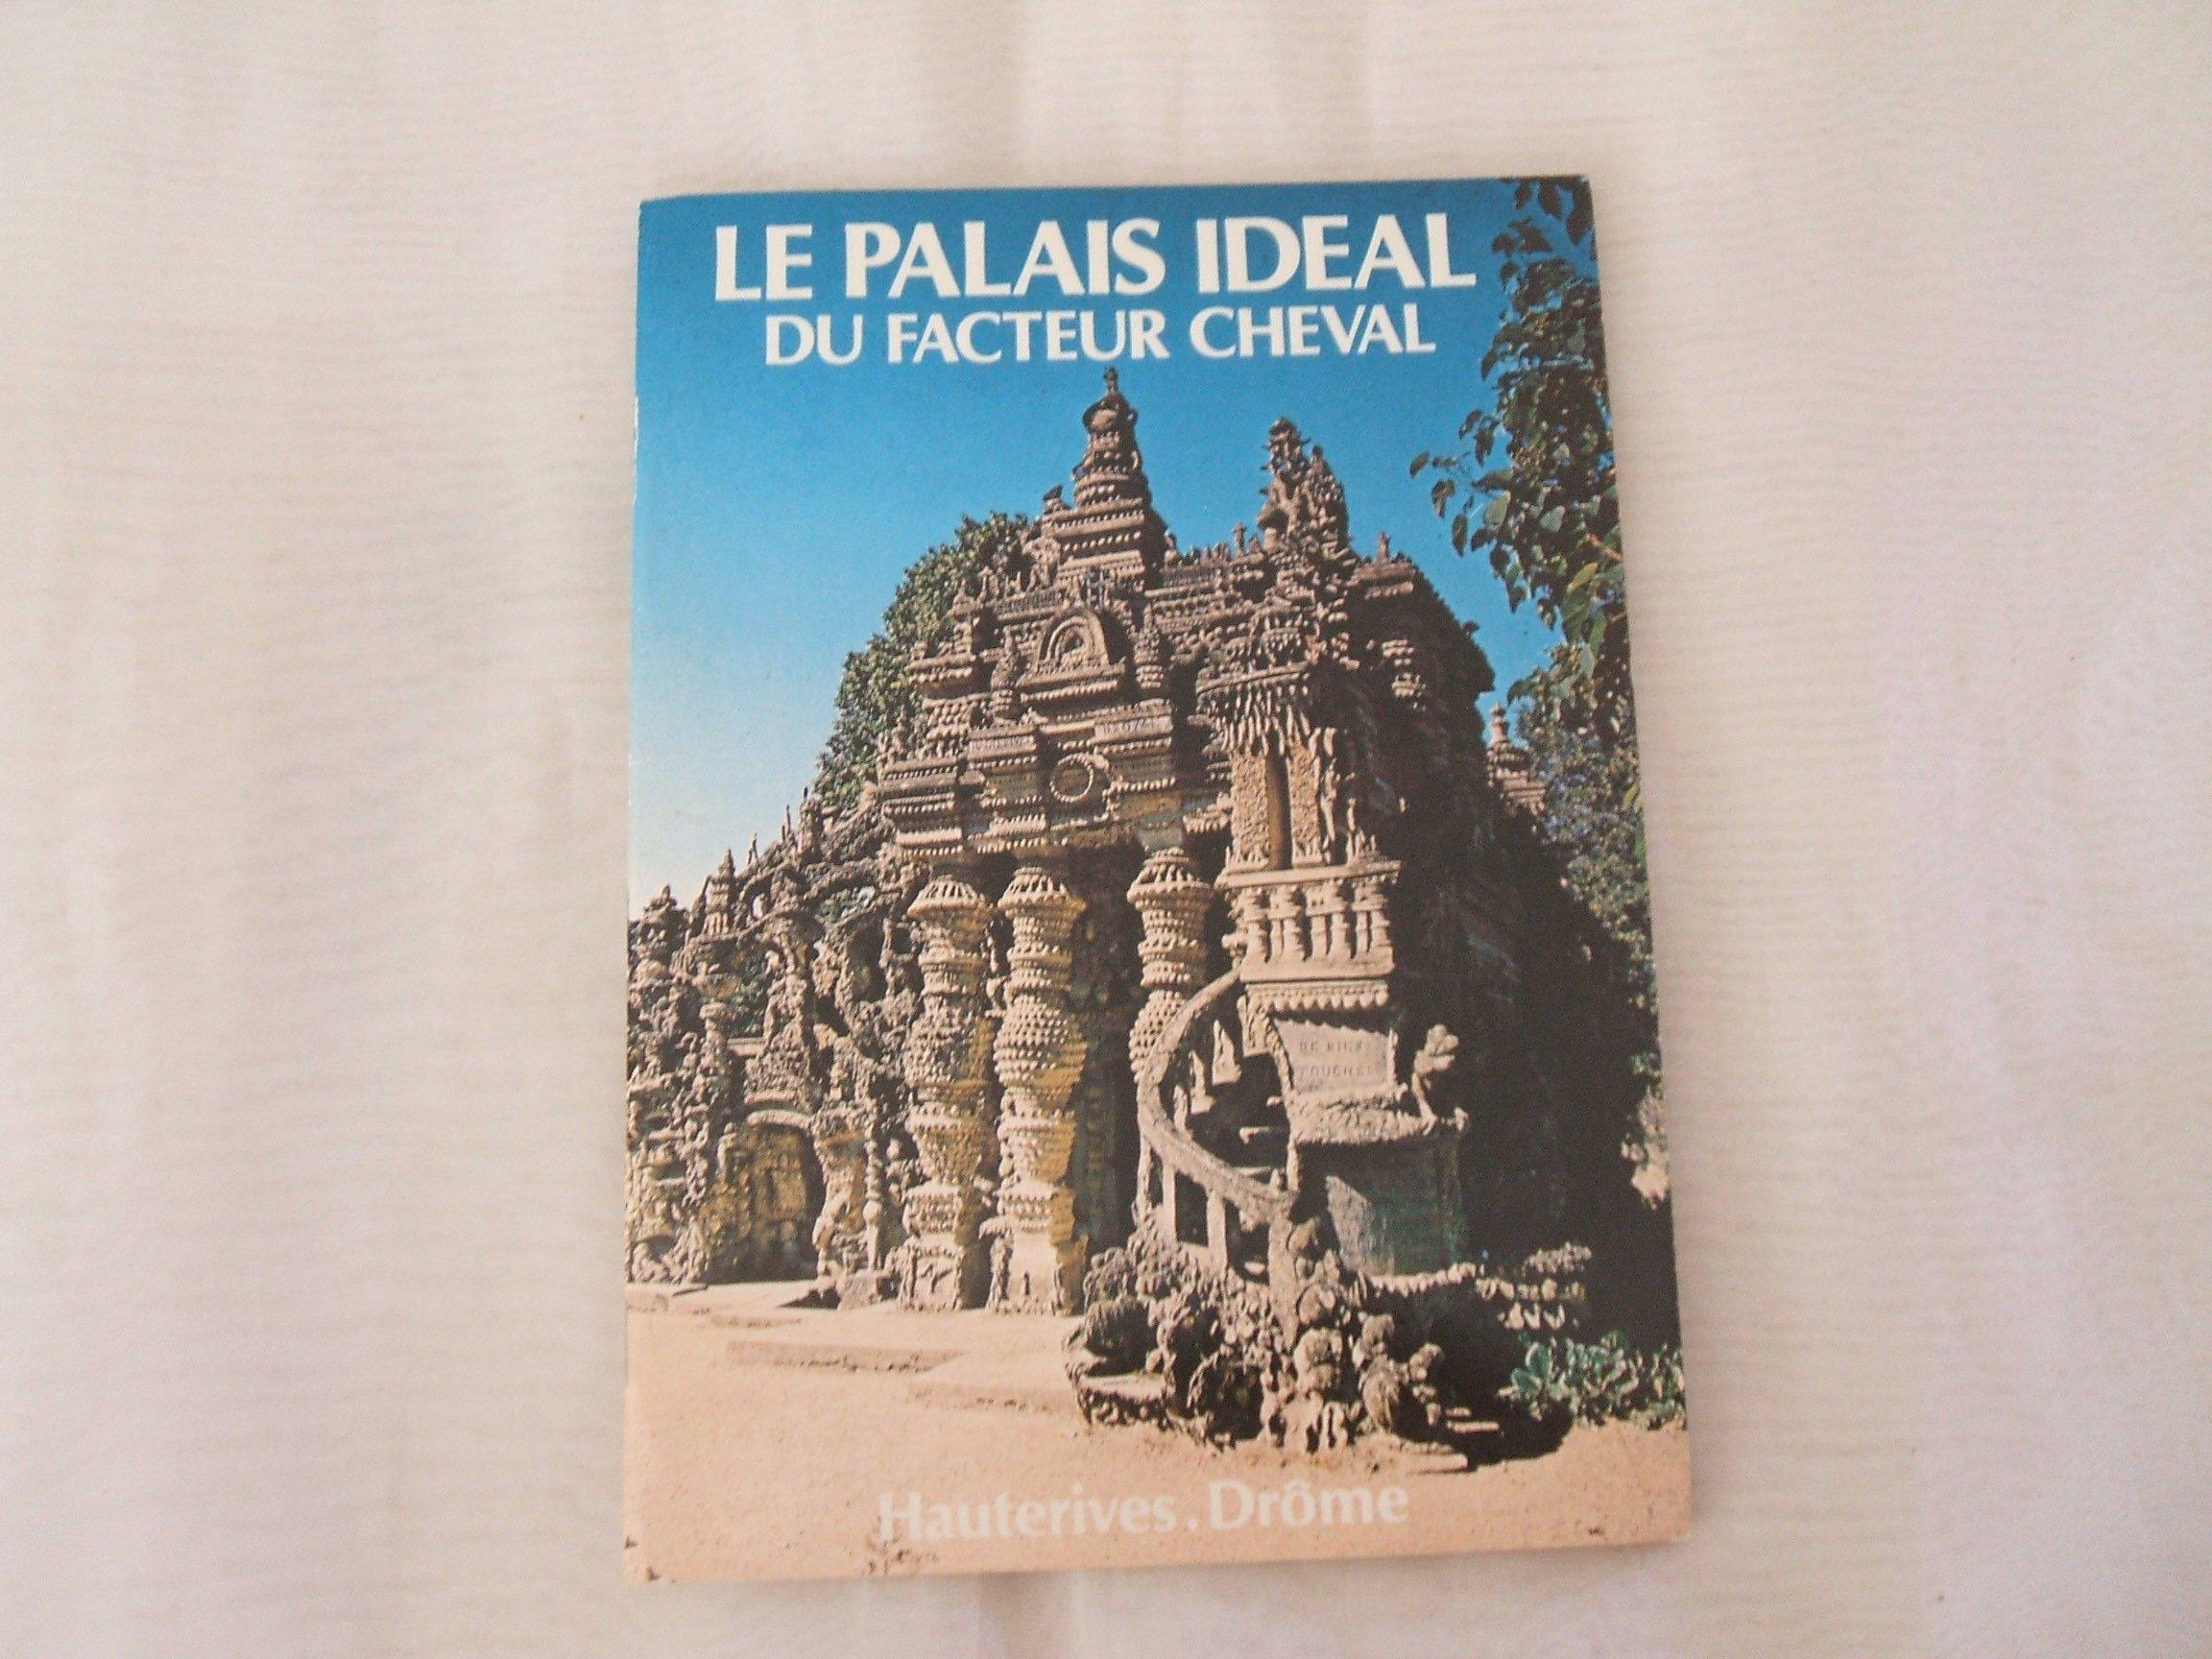 Le palais idéal du Facteur Cheval. TRavail d'un seul homme, temple de la nature. monument original.